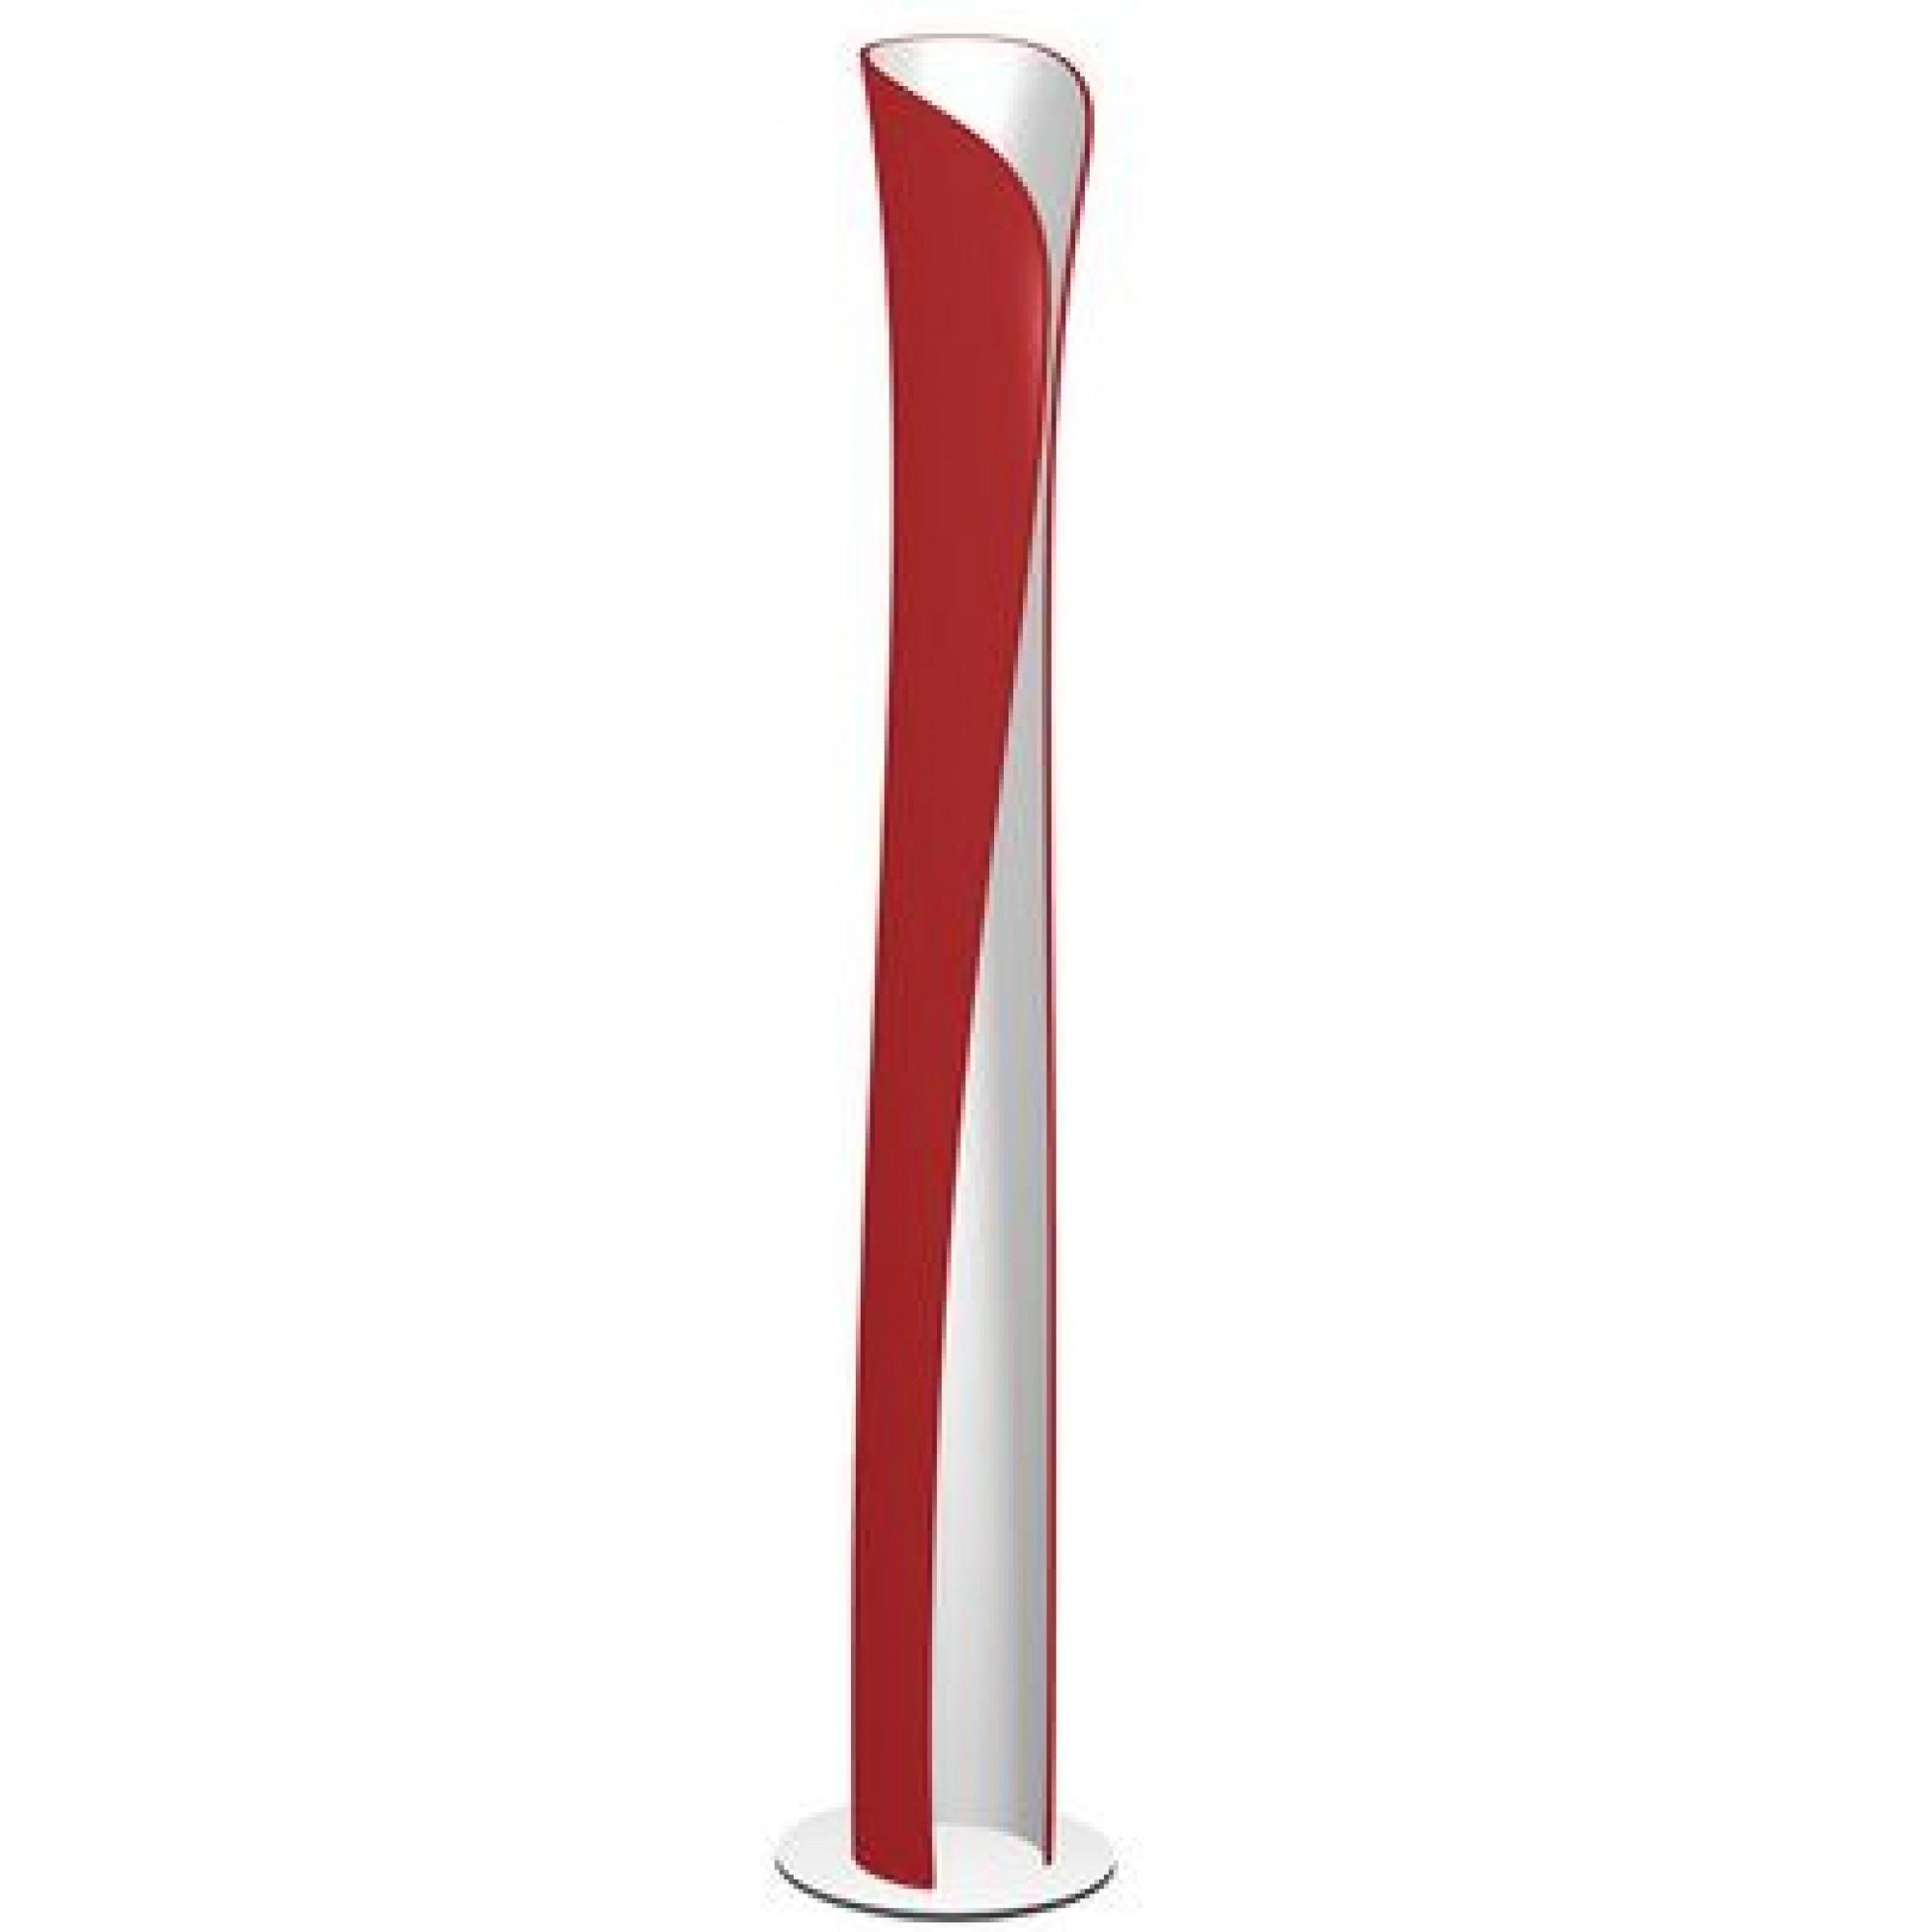 CADMO FLOOR LAMP RED - Modern -  ARTEMIDE